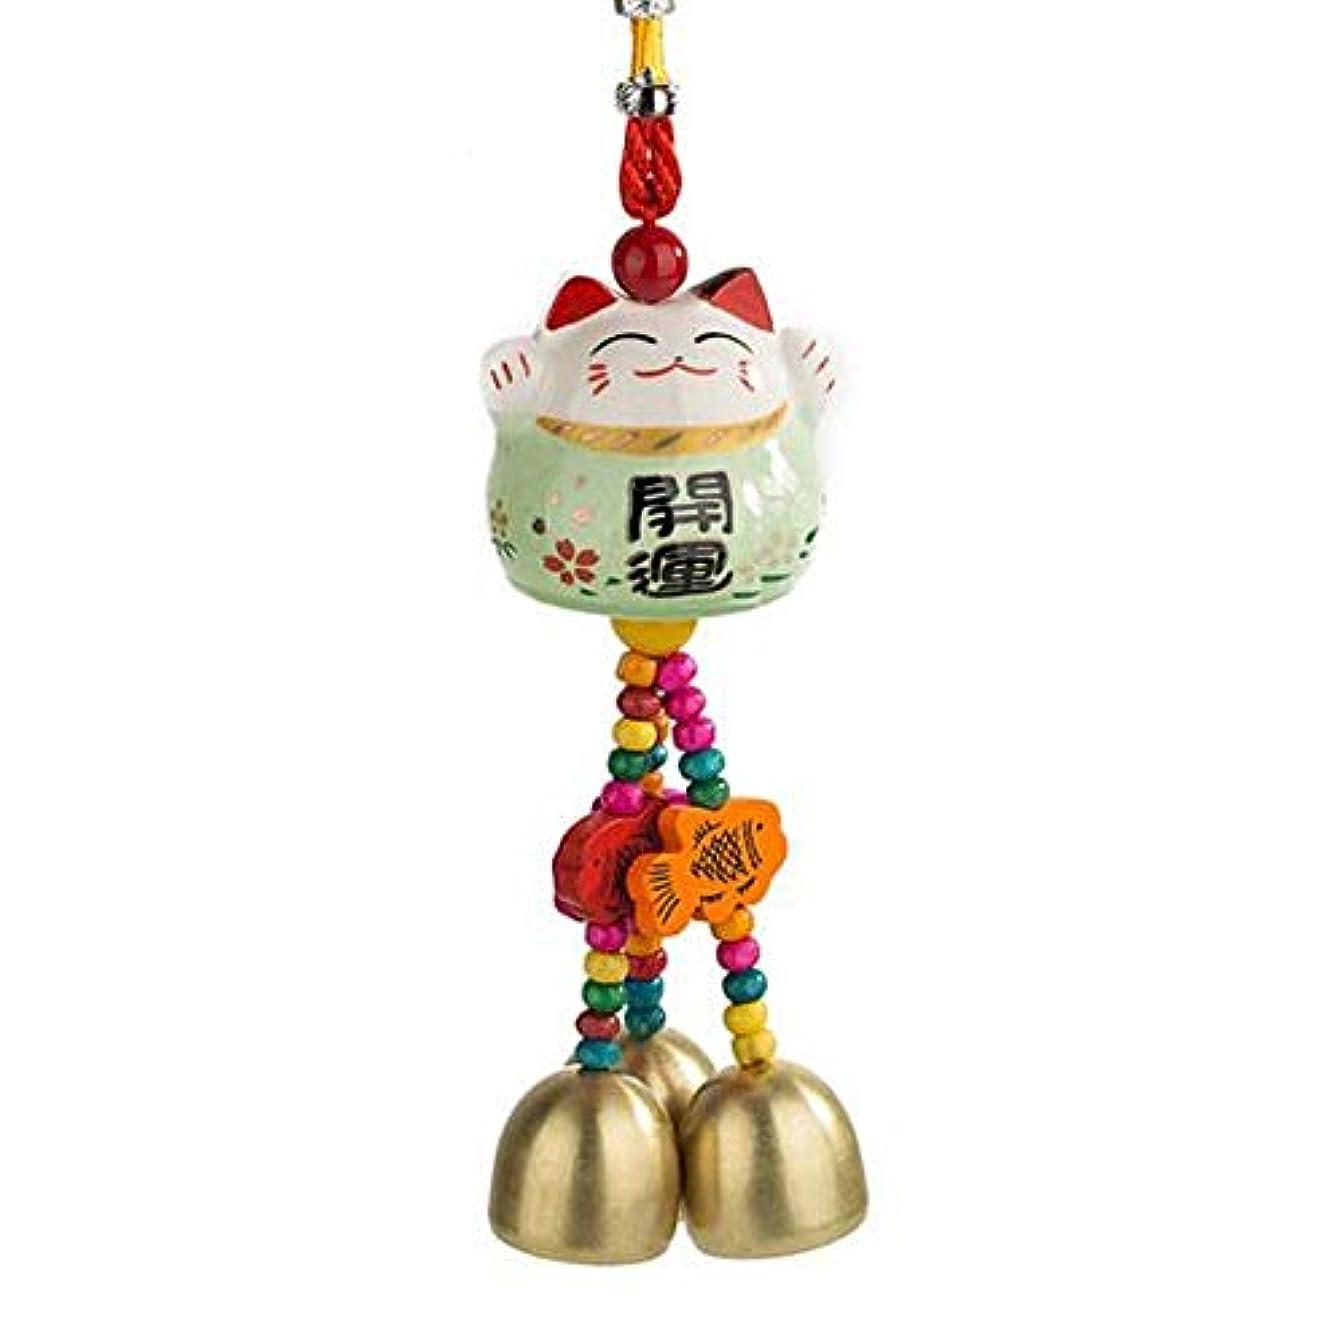 ペンス疎外密輸Kaiyitong01 風チャイム、かわいいクリエイティブセラミック猫風の鐘、グリーン、長い28センチメートル,絶妙なファッション (Color : Green)